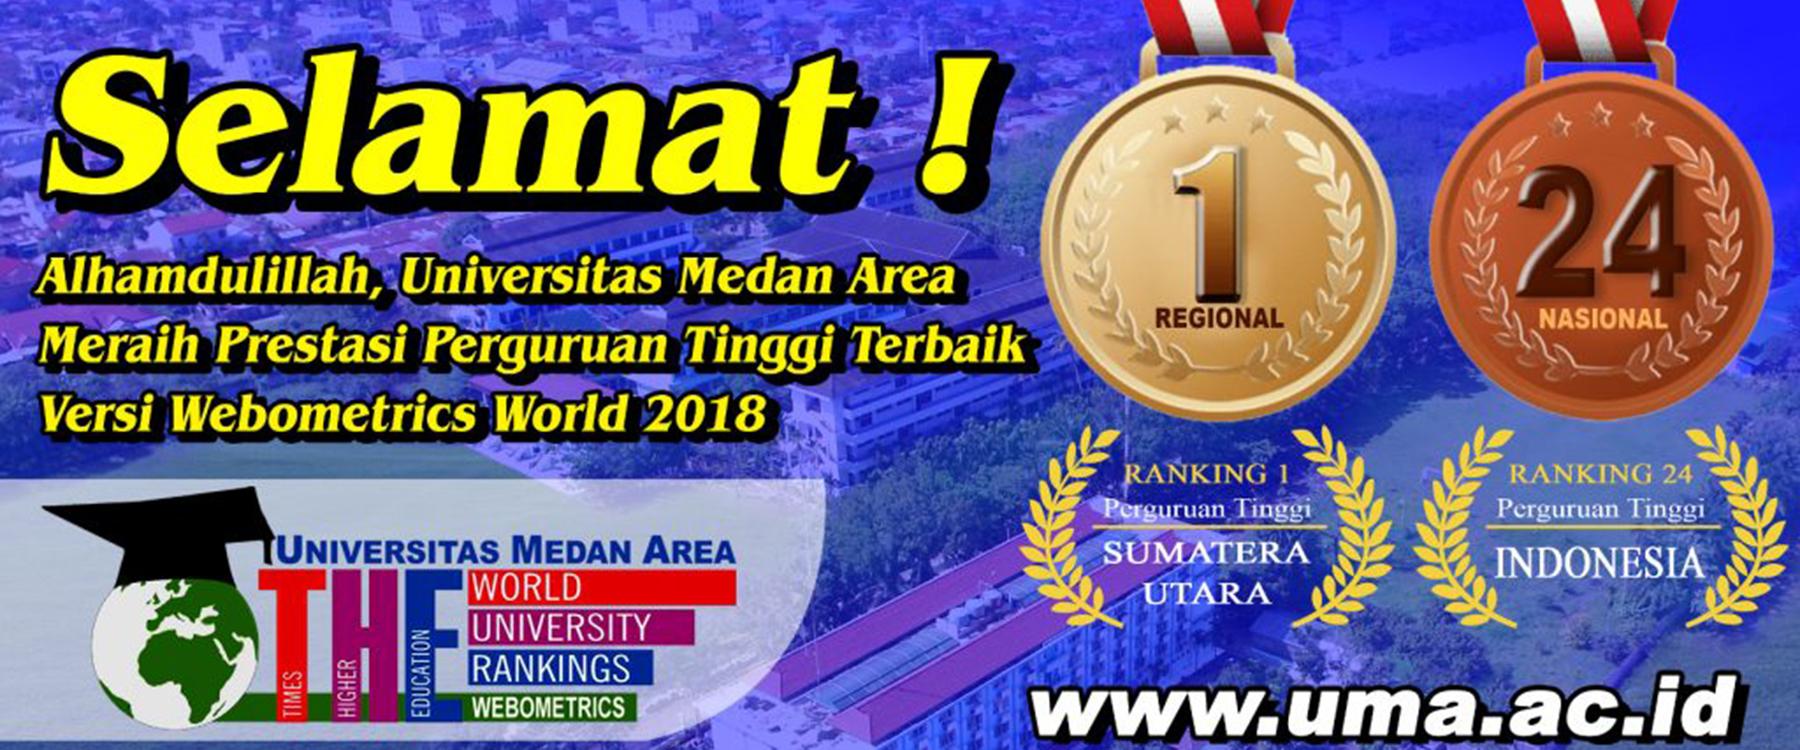 UMA Peringkat 1 Perguruan Tinggi Terbaik Di Sumatera Utara